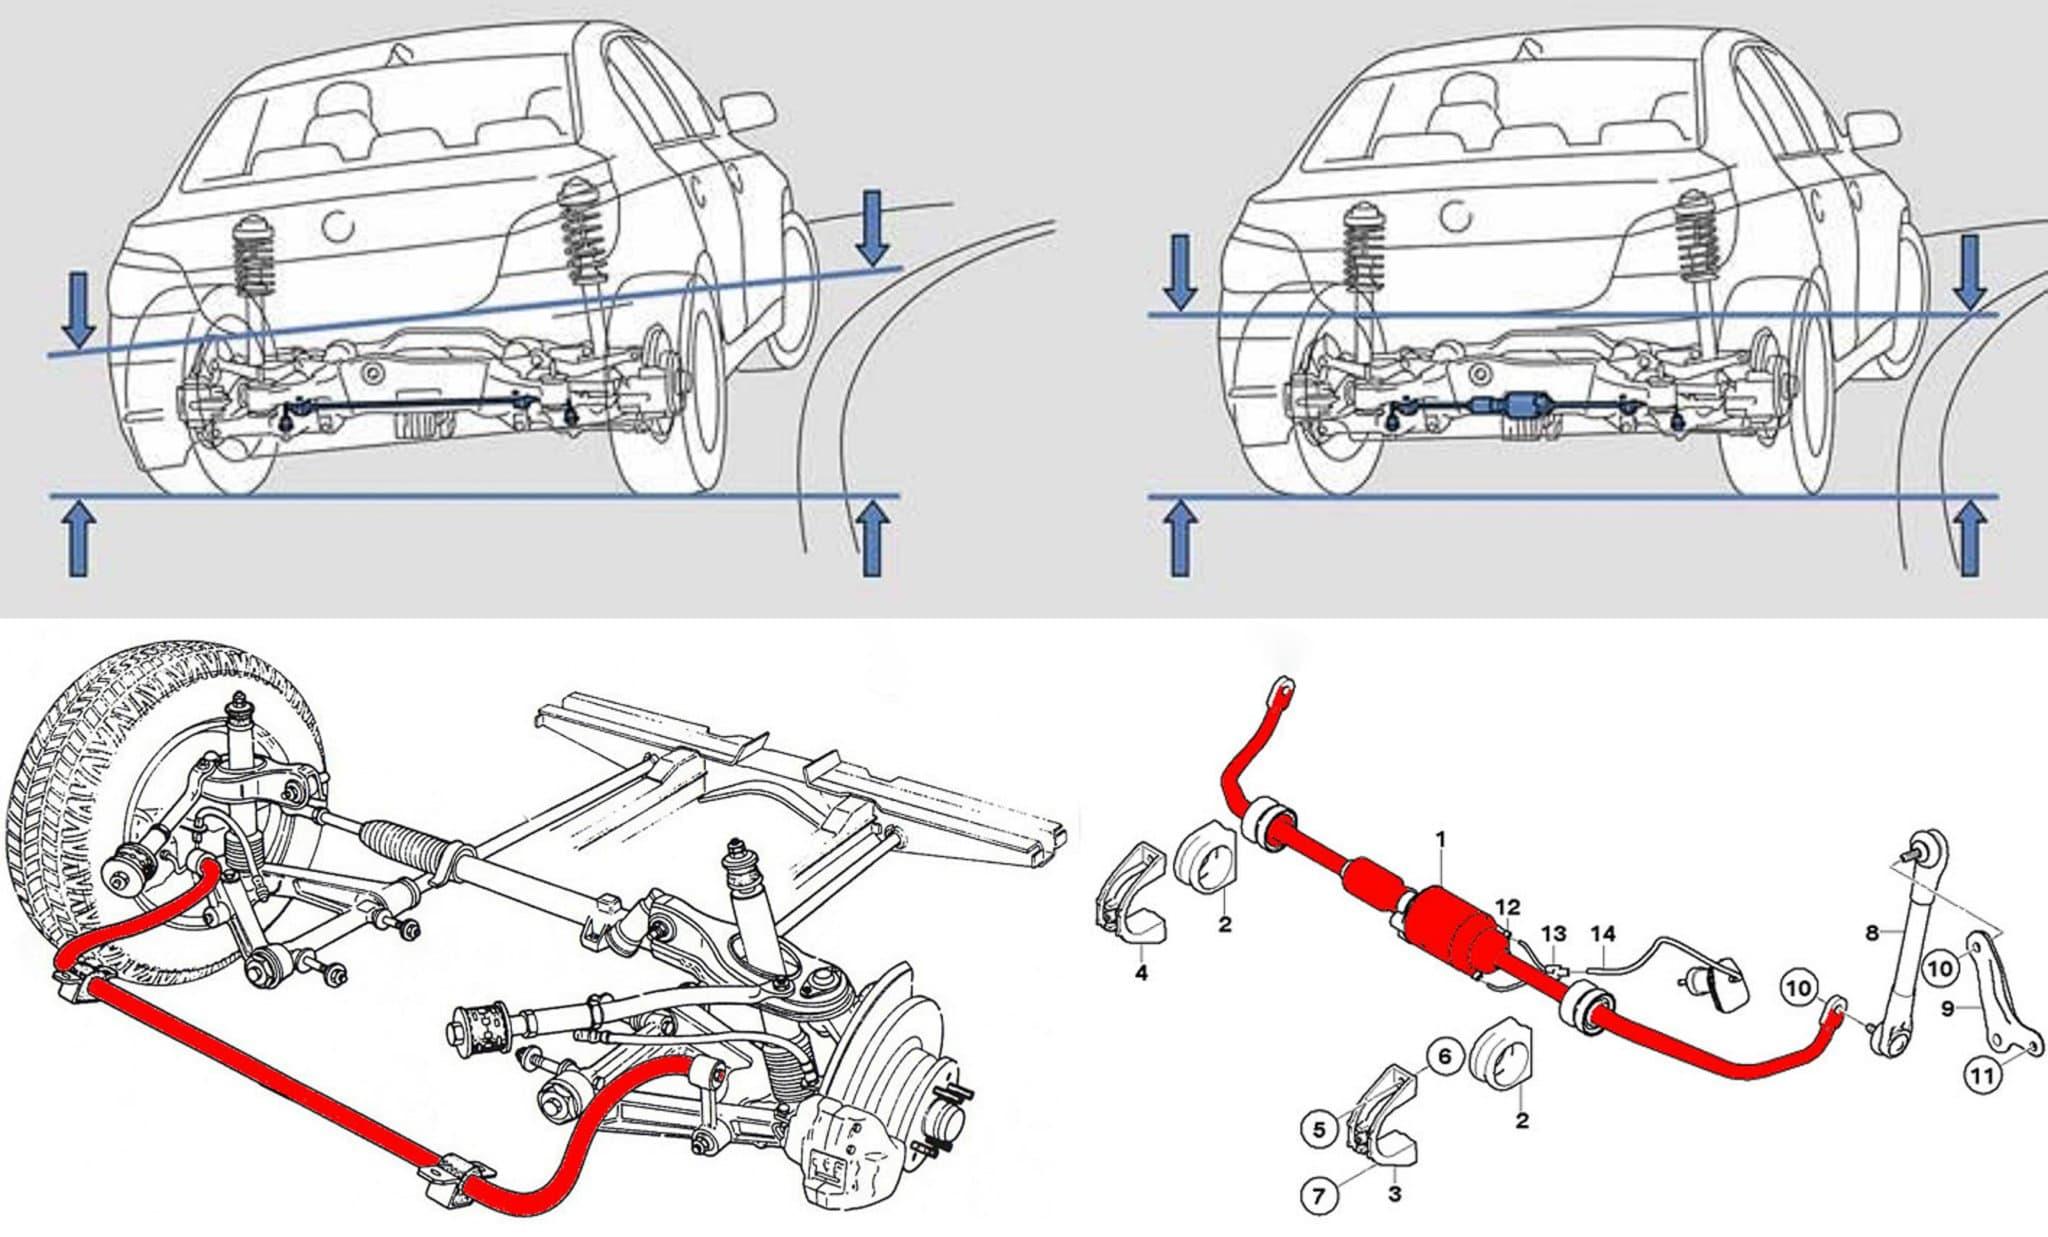 Ở hình trên, thay vì sử dụng một thanh kim loại liền khối, BMW đã thiết kế thành hai thanh độc lập (hình bên phải).